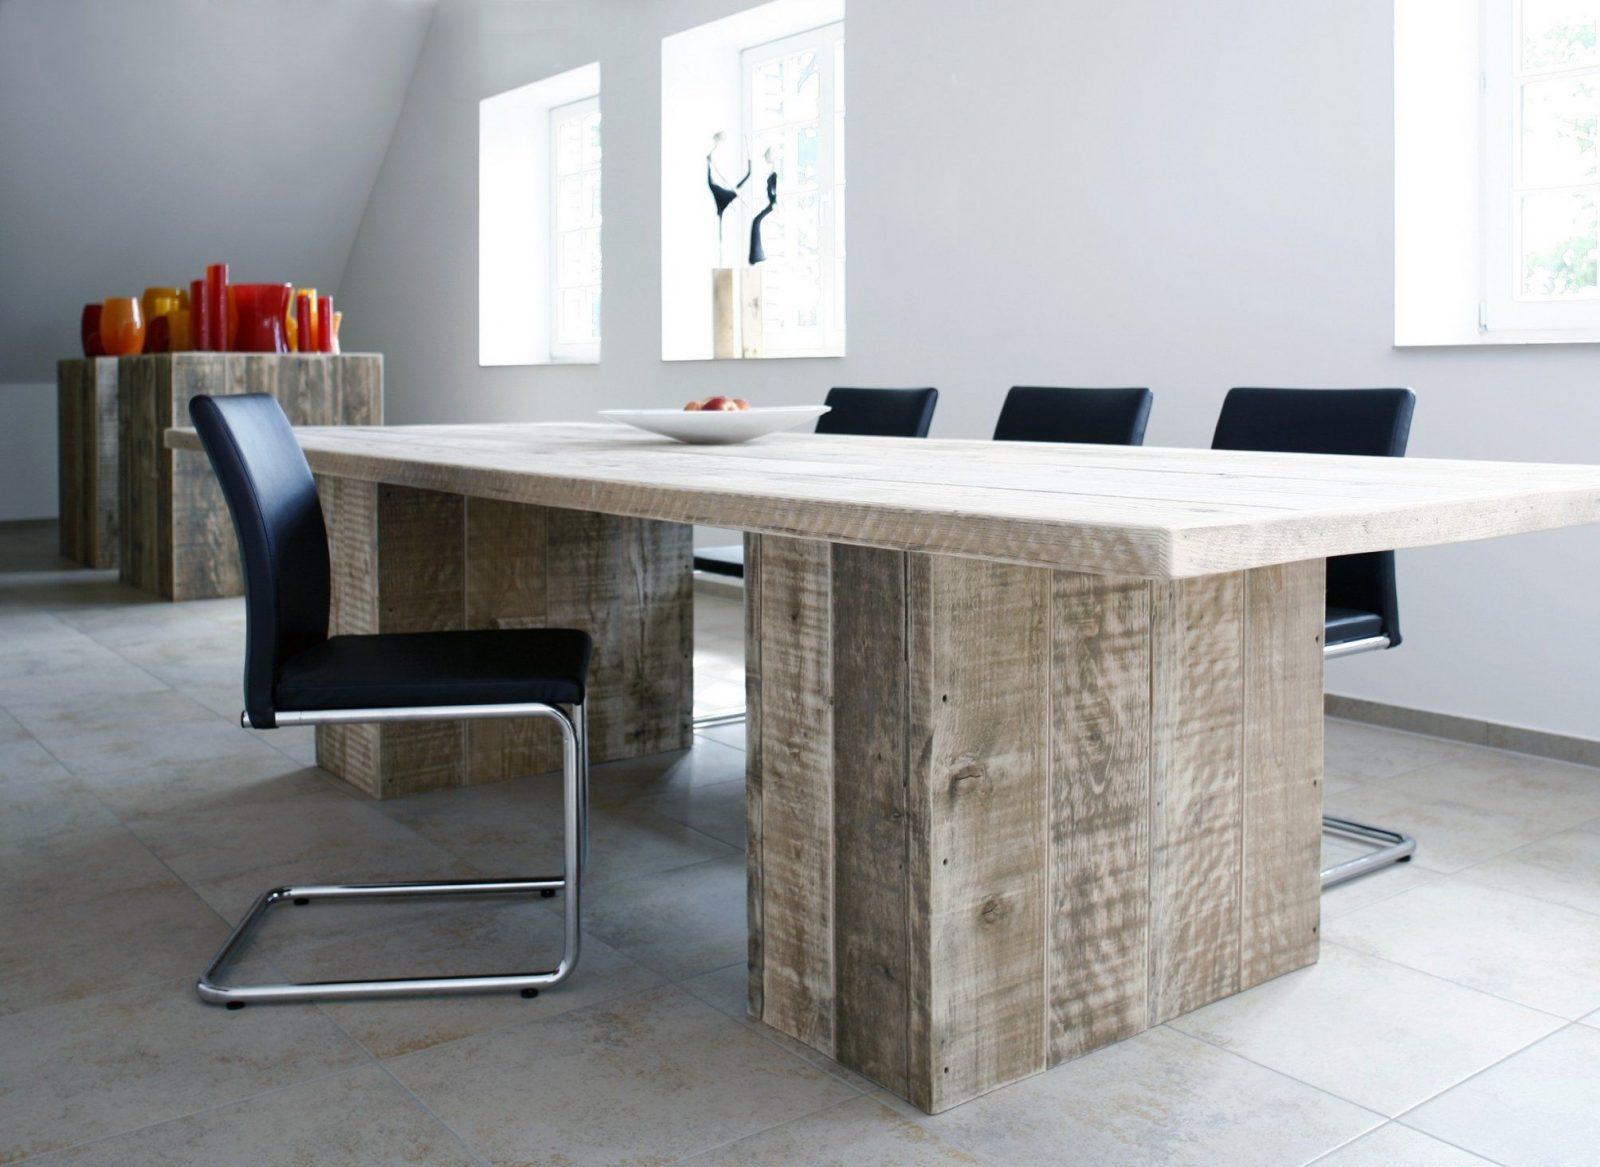 Erstaunlich Möbel Aus Bauholz Selber Bauen  Bolashak von Möbel Aus Bauholz Selber Bauen Bild